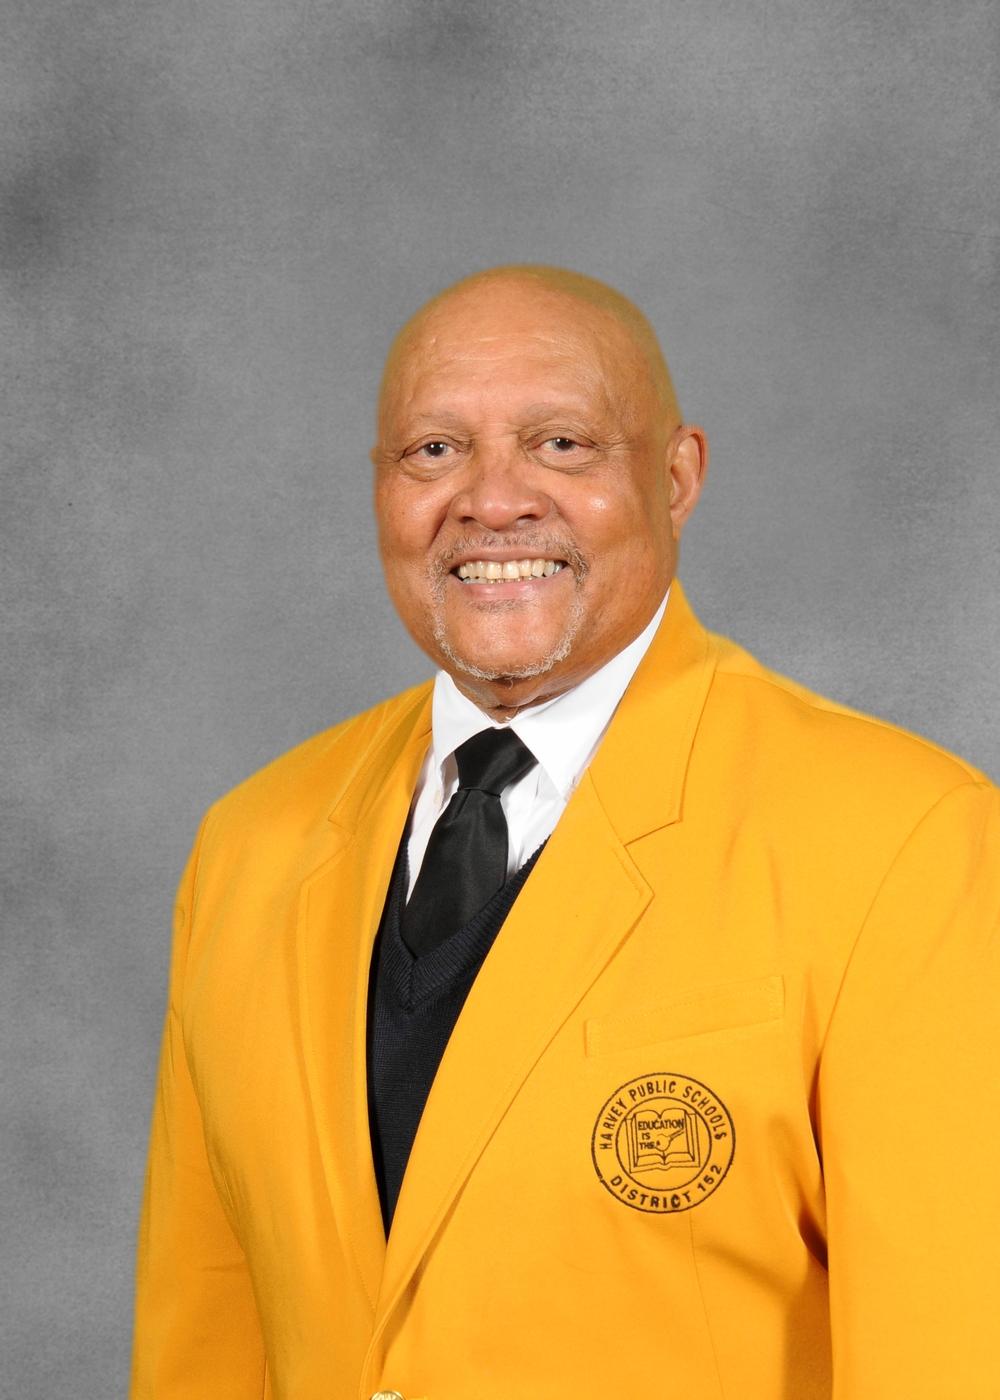 Joseph Whittington-Jr. Member